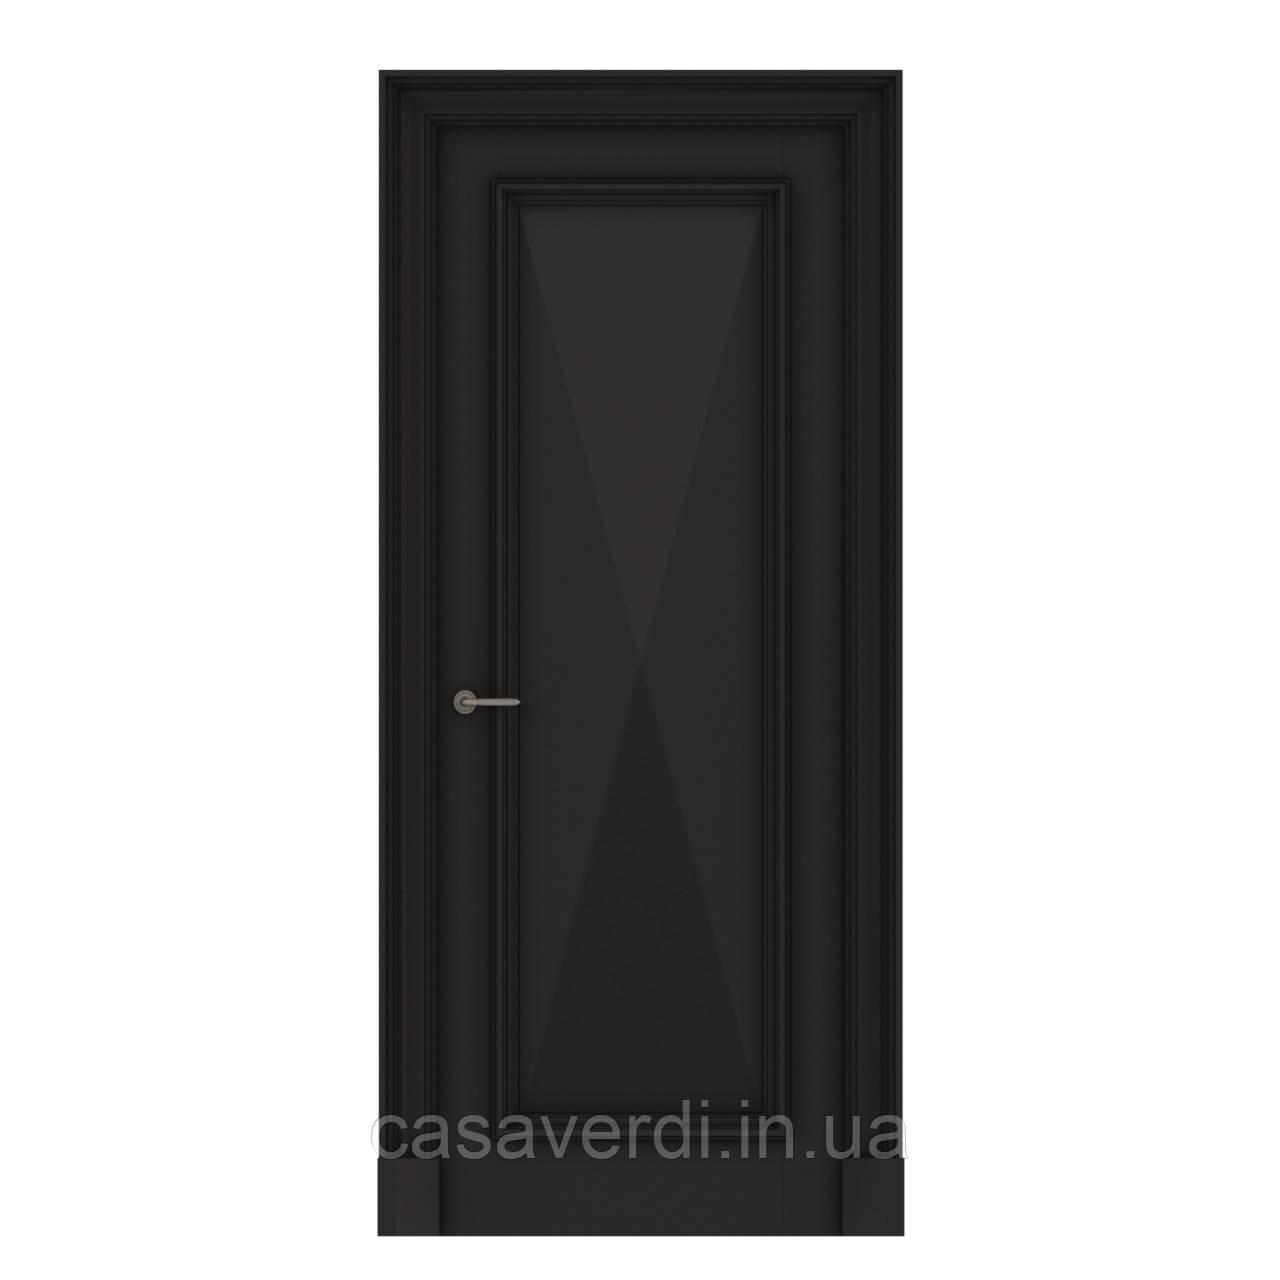 Межкомнатная дверь Casa Verdi Rombo 2 из массива ольхи черная